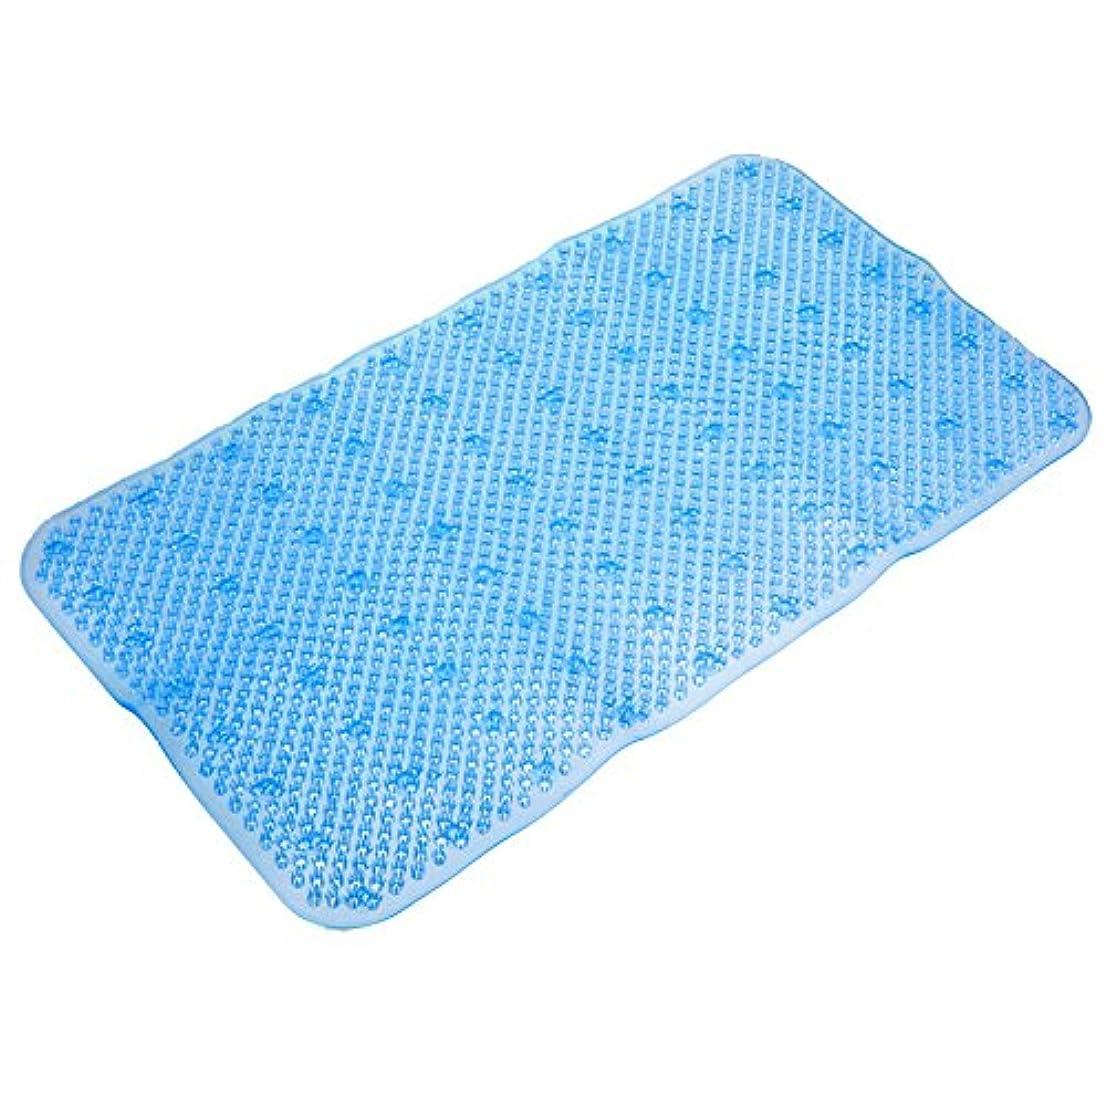 便利な pvc 34 × 64 センチ非スリップ風呂浴室シャワー トイレ アンチスリップフロアマット吸引吸盤パッド足マッサージ の敷物5色-青い